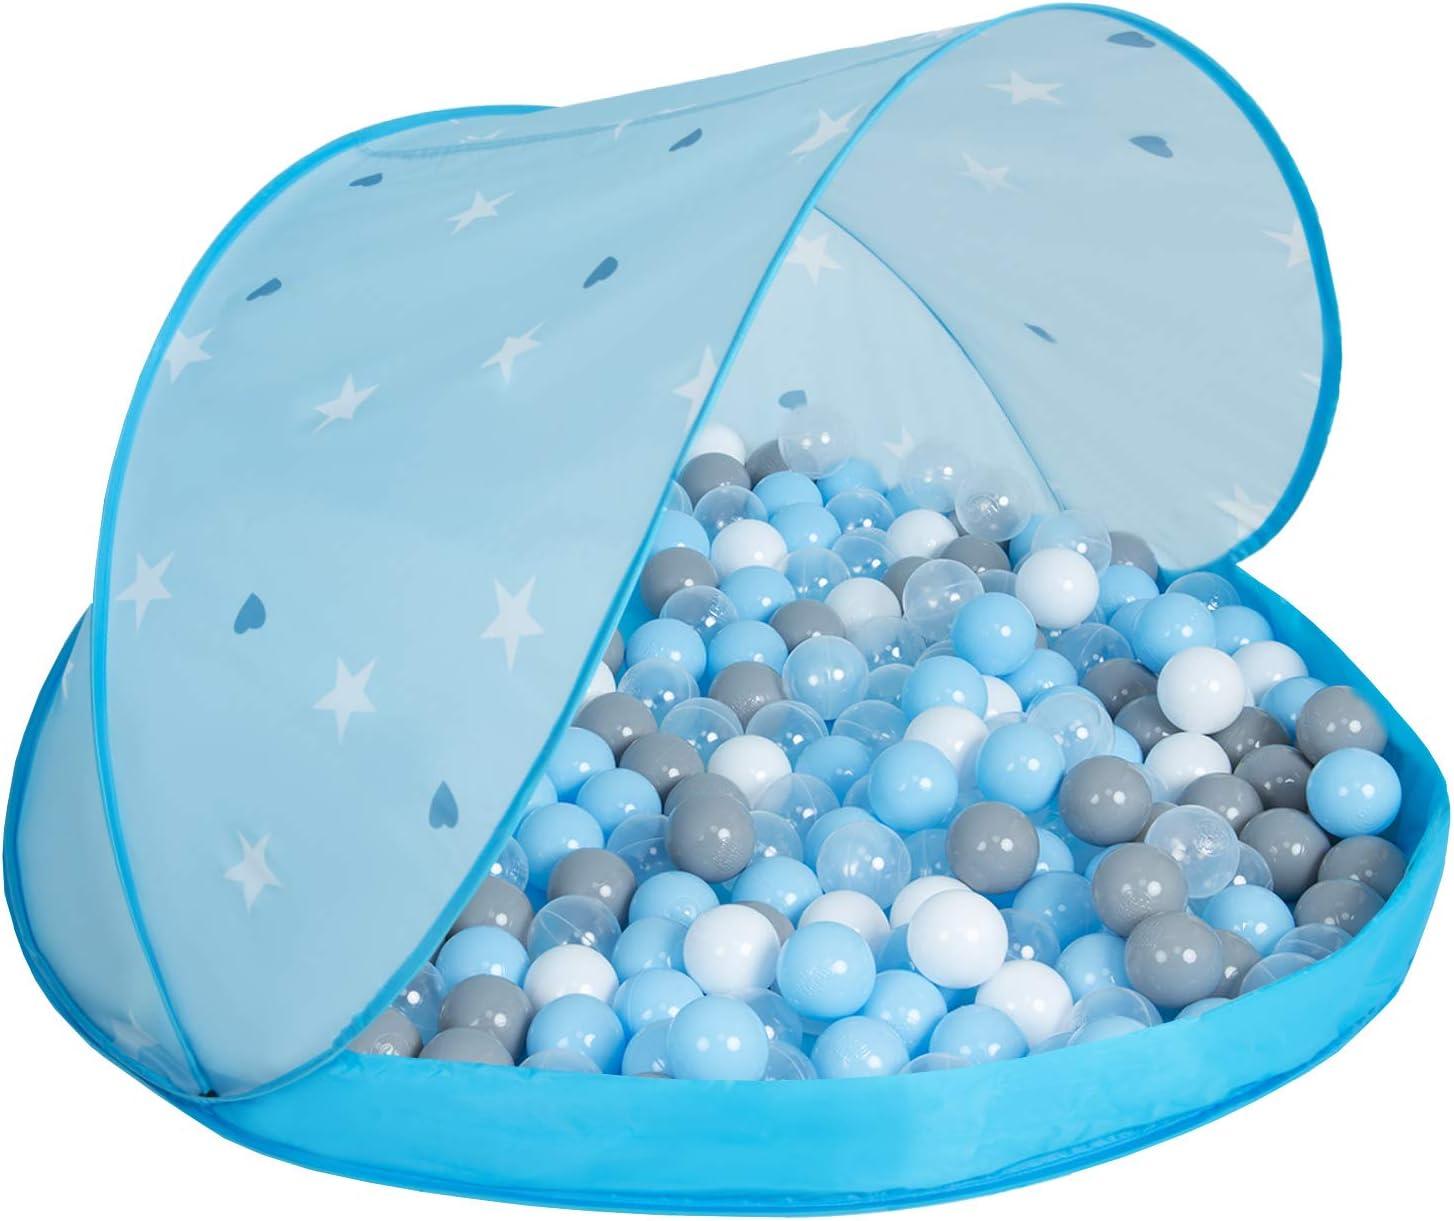 Selonis Tienda 105X90cm//200Bolas De Campa/ña//Castilo Plegable con Bolas Certificadas 6Cm para Ni/ños Azul:Azulclr-Rosaclr-Perla